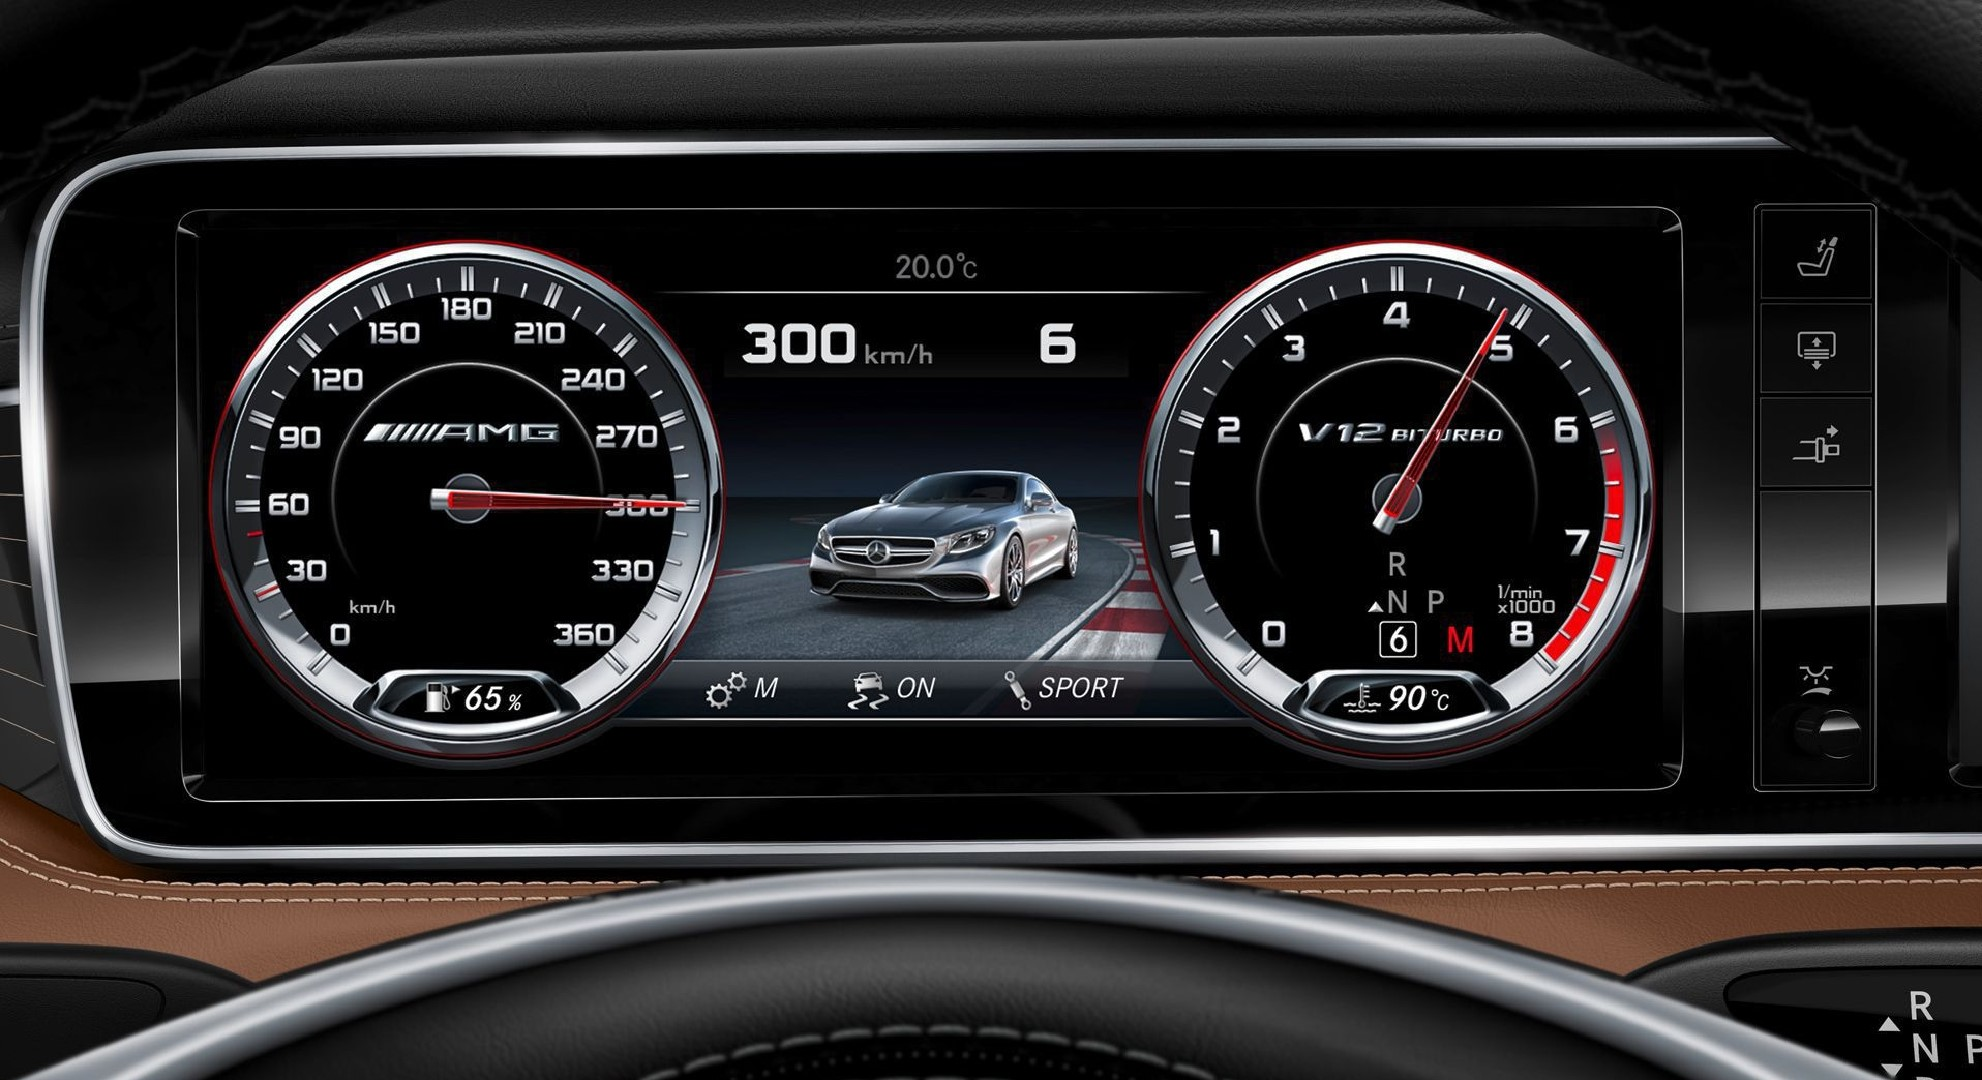 Mercedes Benz S65 AMG Background